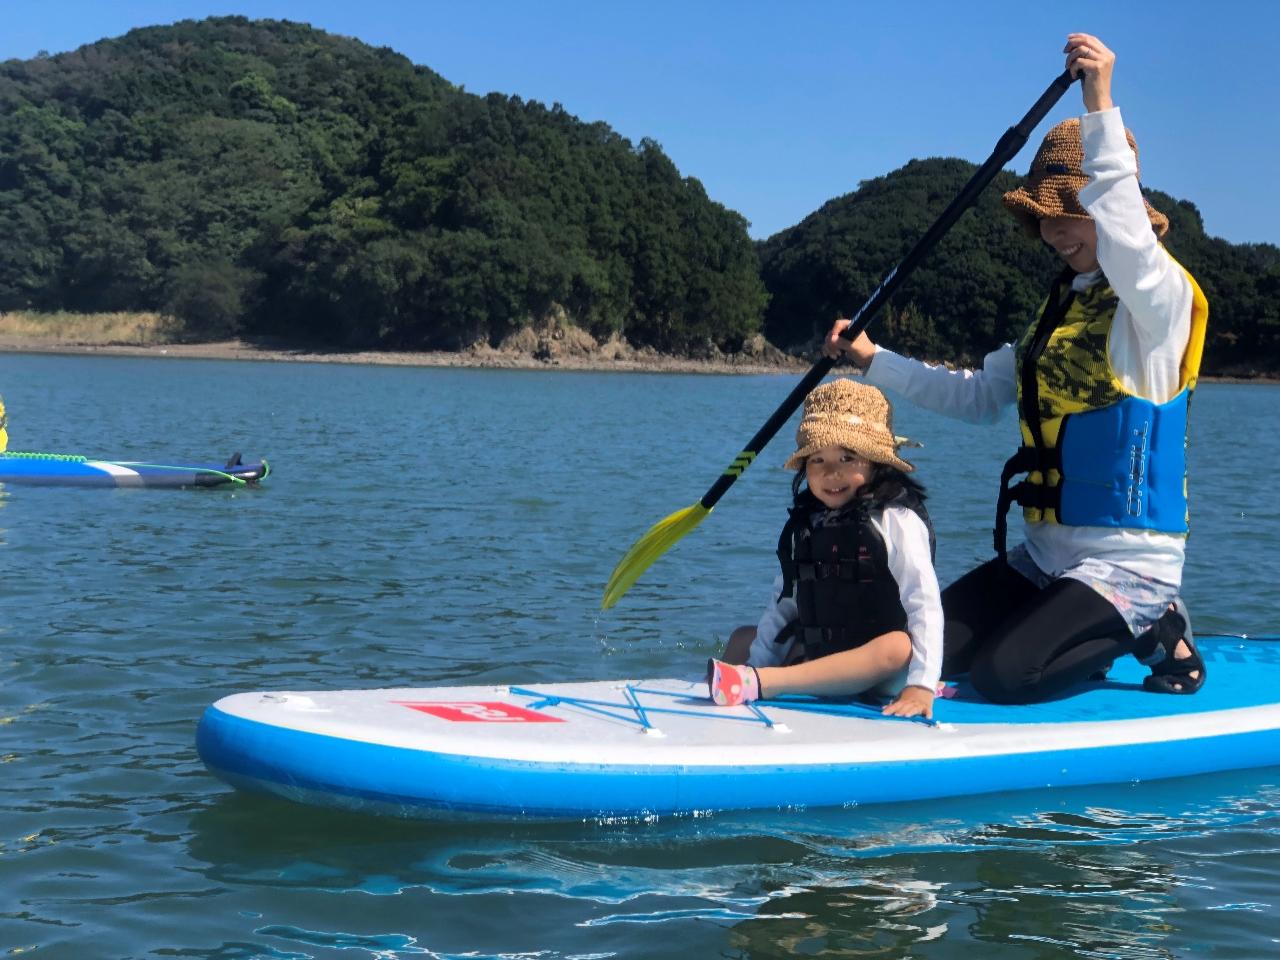 \SUP体験/【ショートコース】徳島県・阿南市☆青い海で自然を感じてみませんか?...